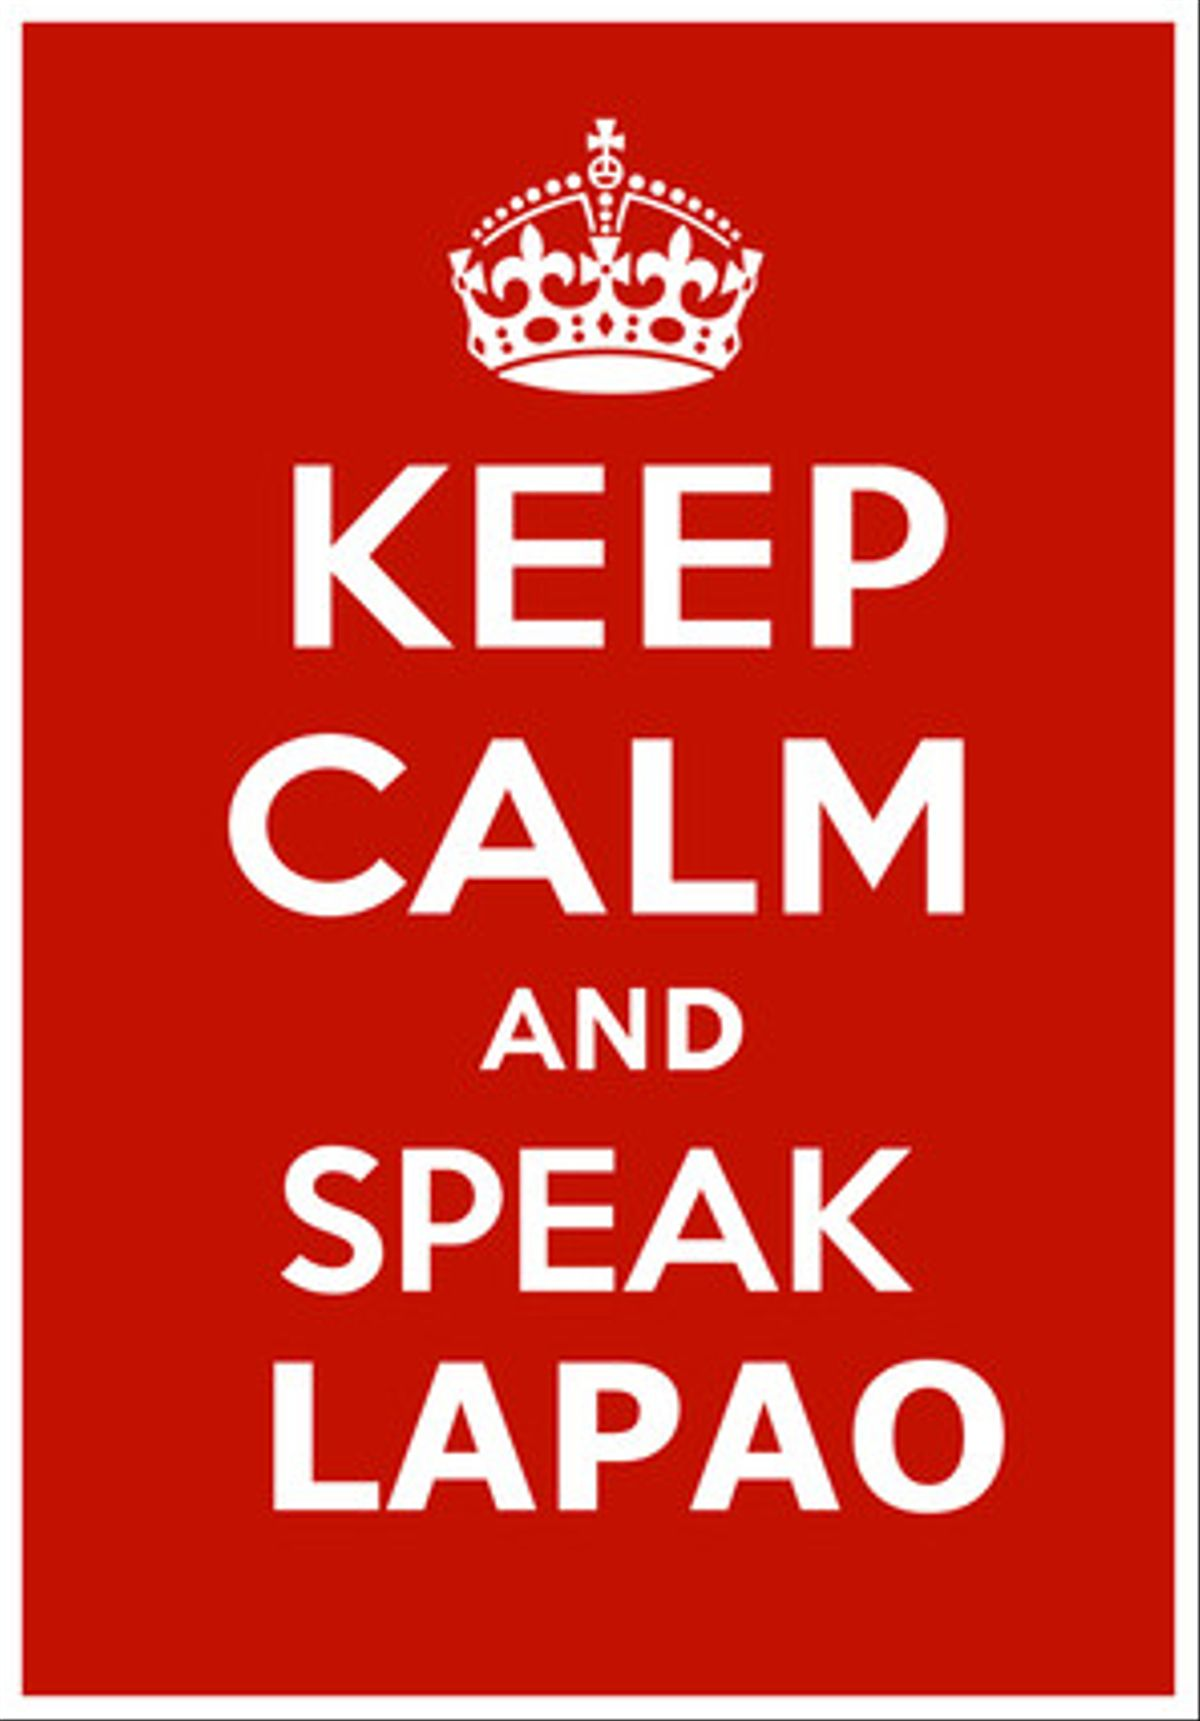 Adaptación de la campaña 'Keep calm and speak catalan que se popularizó en la red hace unos meses